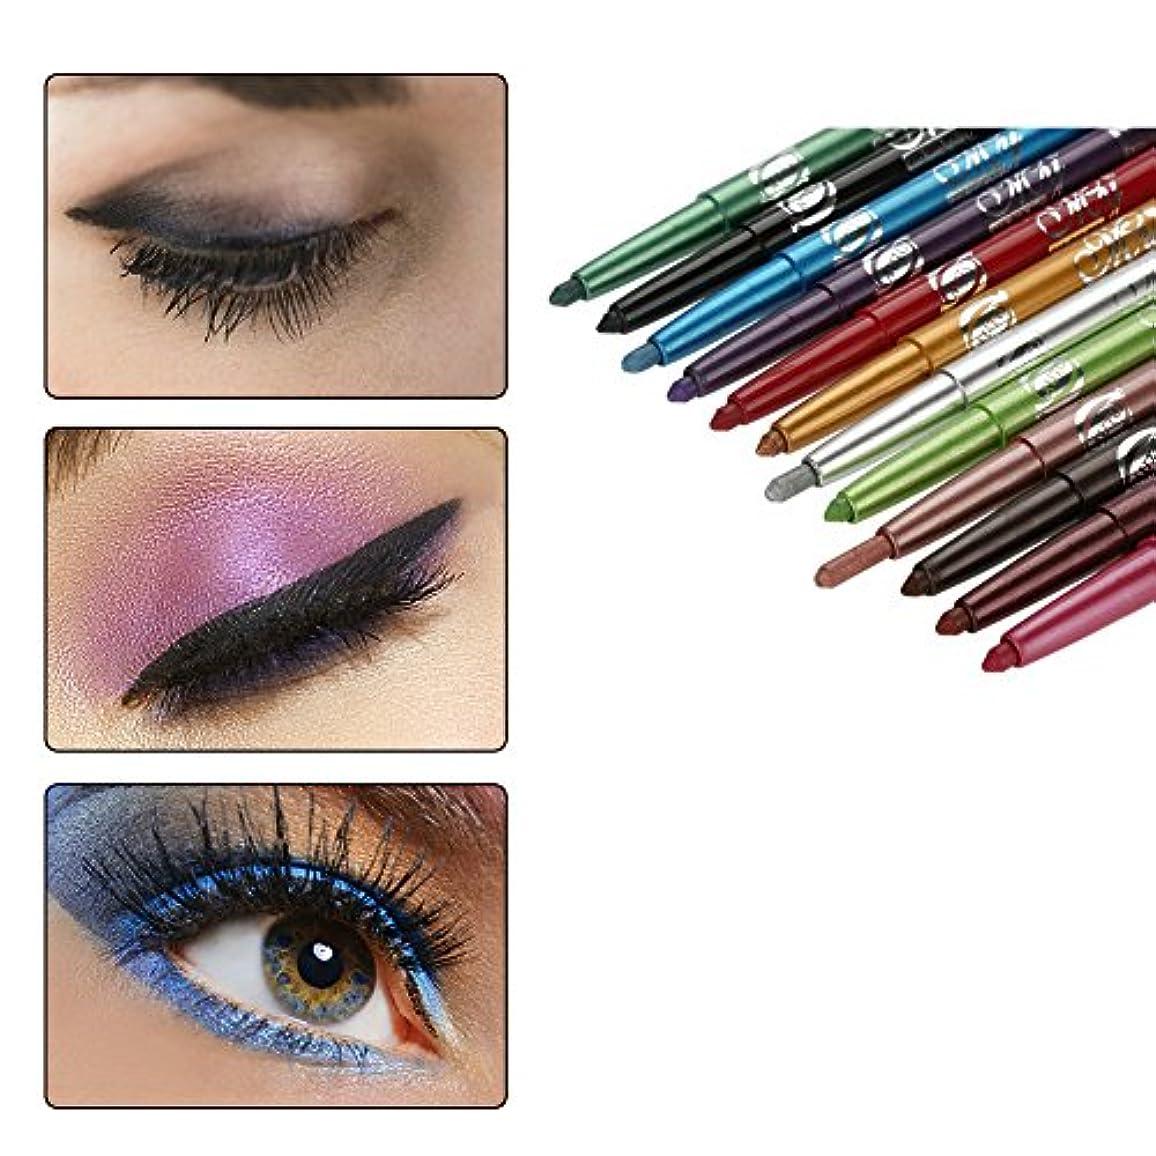 モナリザ童謡支店12色のアイシャドーアイライナー リップライナーペンシル 化粧ペン メイクアップセット 防水 長持ち 人気